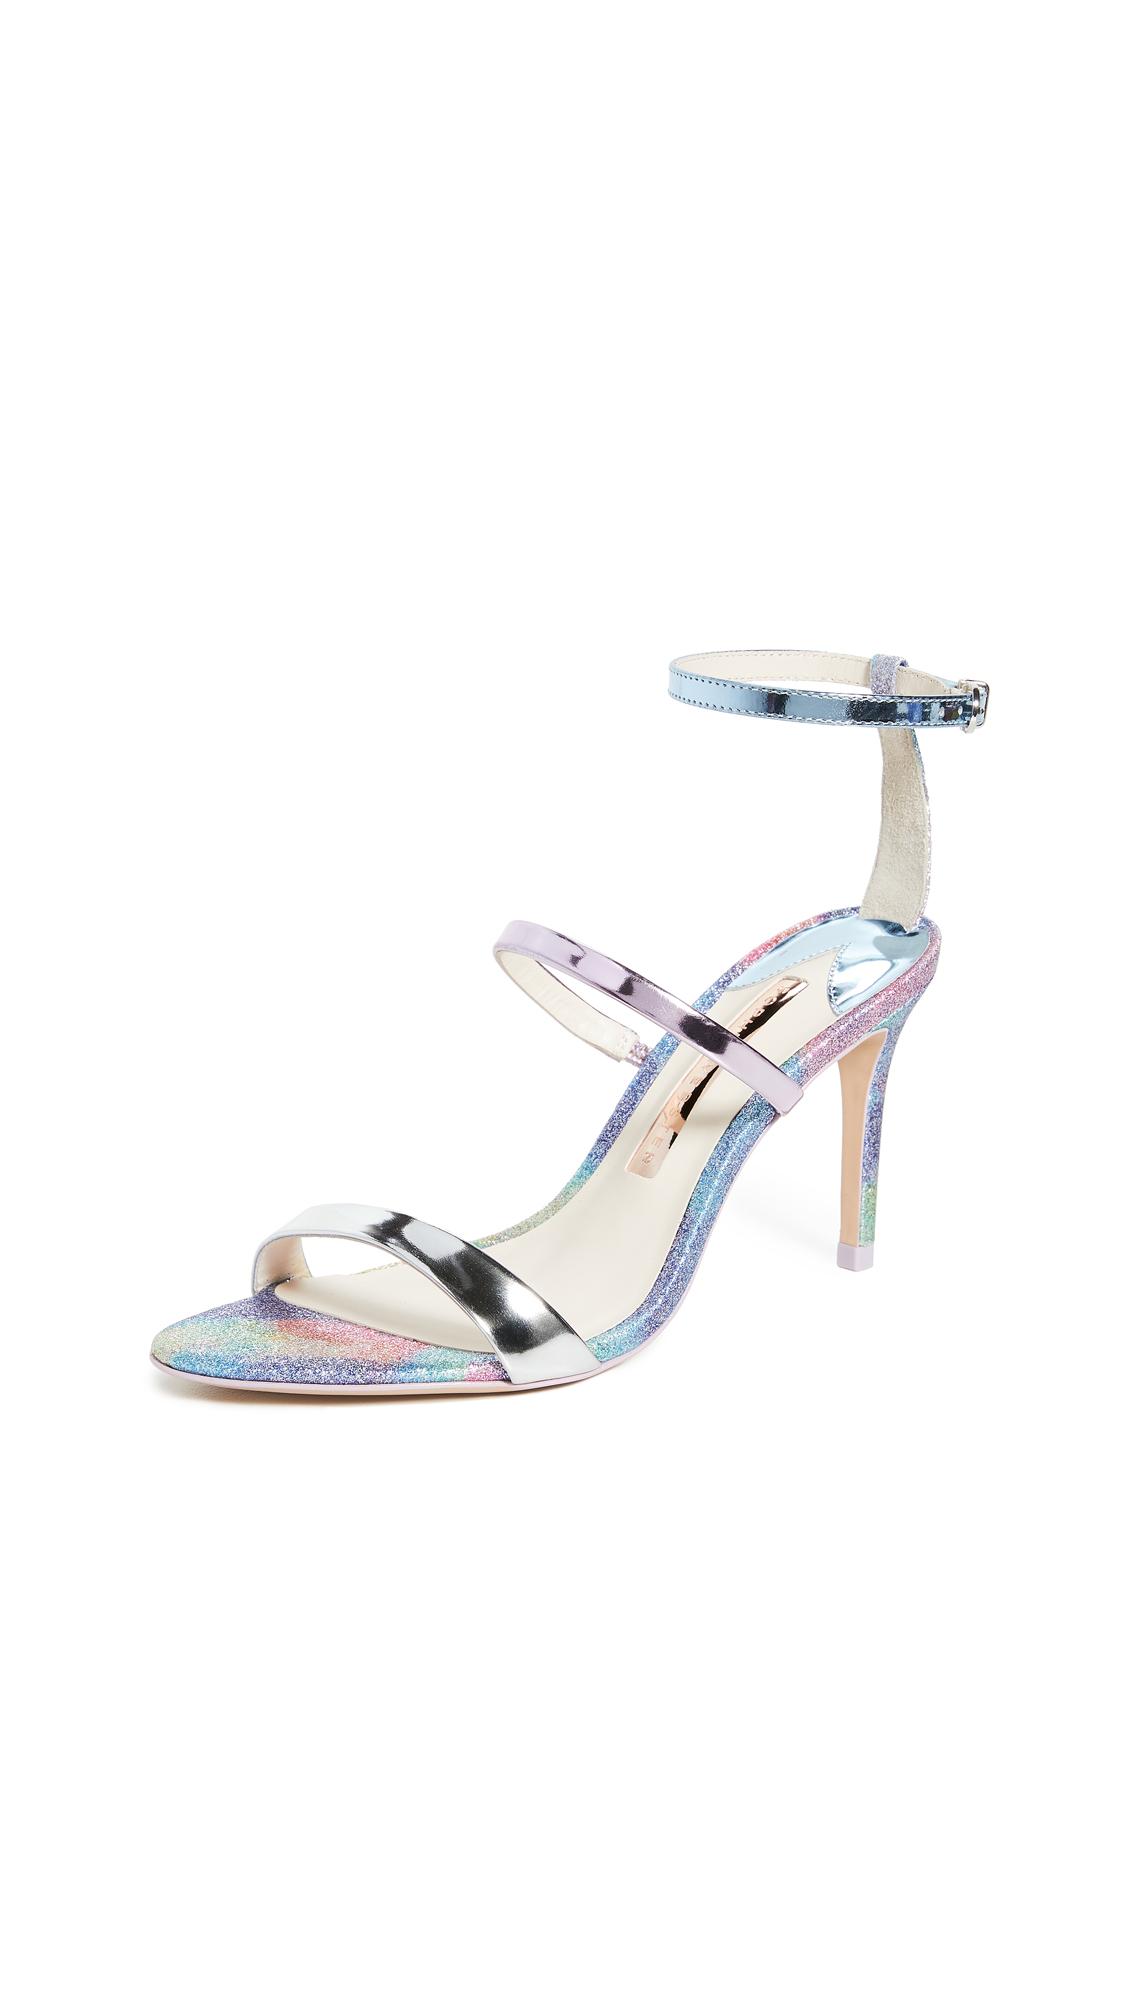 Sophia Webster Rosalind Mid Sandals – 60% Off Sale